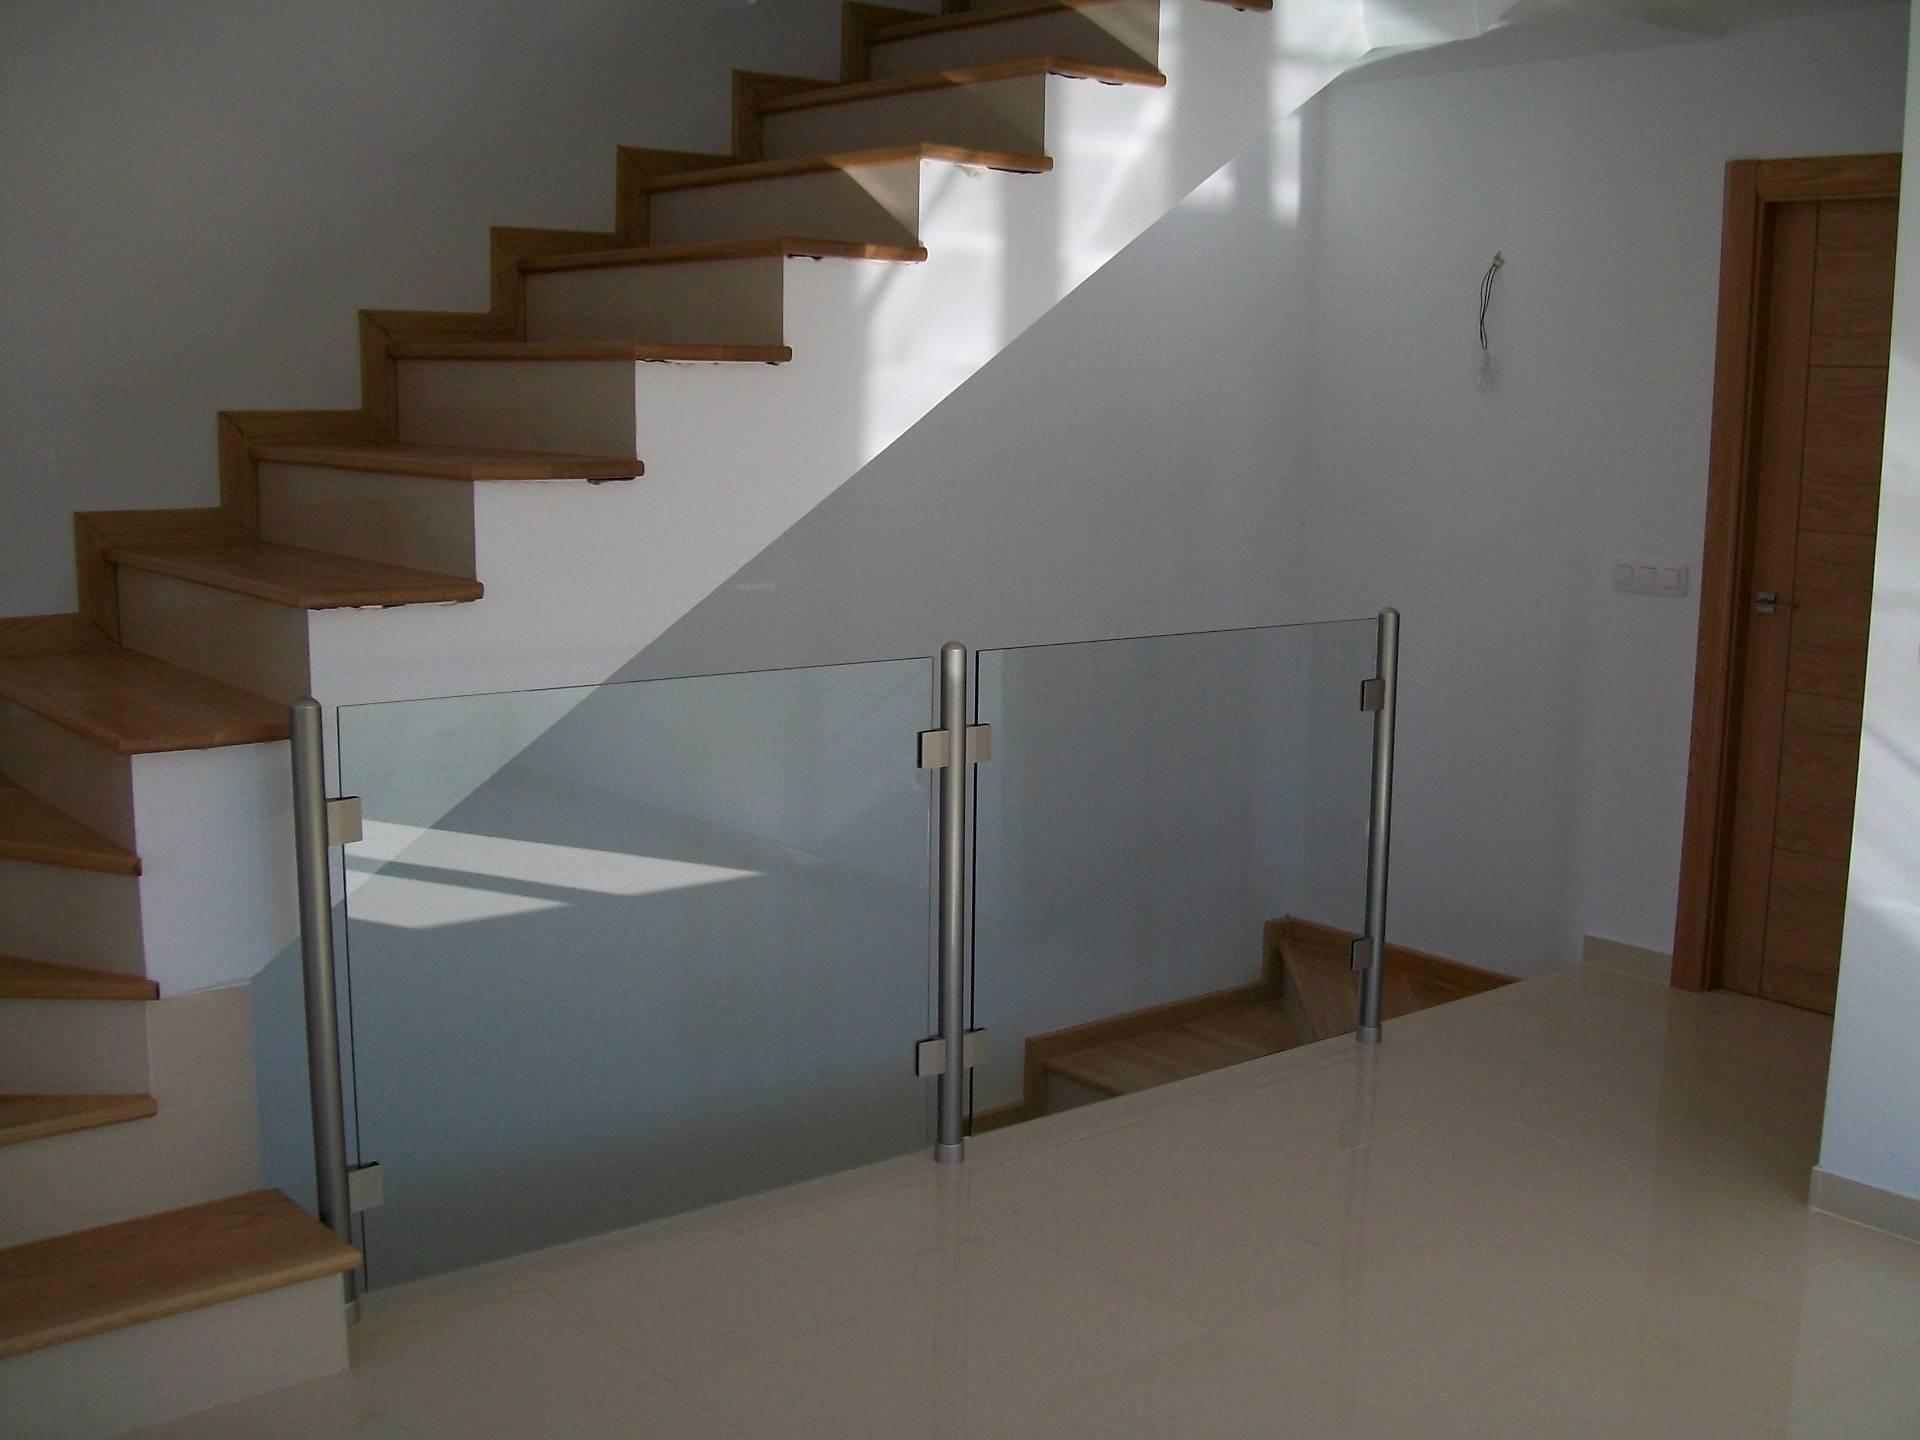 barandillas y escaleras de cristal en Granada Cristaleria Pelayo